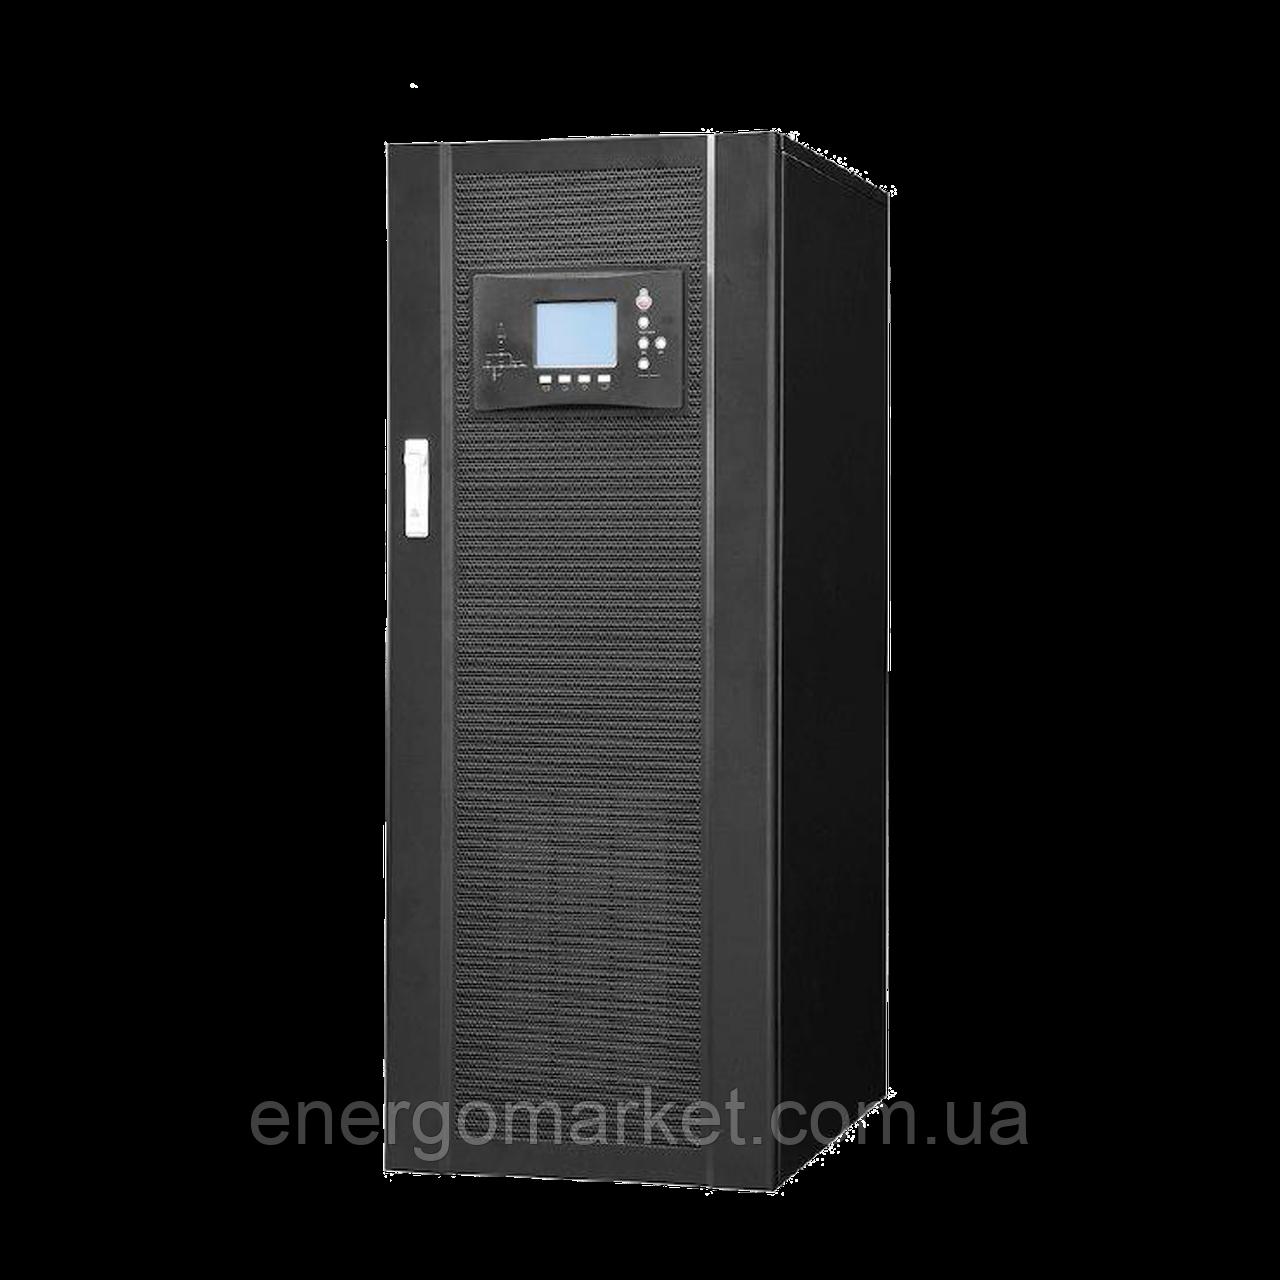 Источник бесперебойного питания LogicPower 40kVA MPPT - 3 фазный